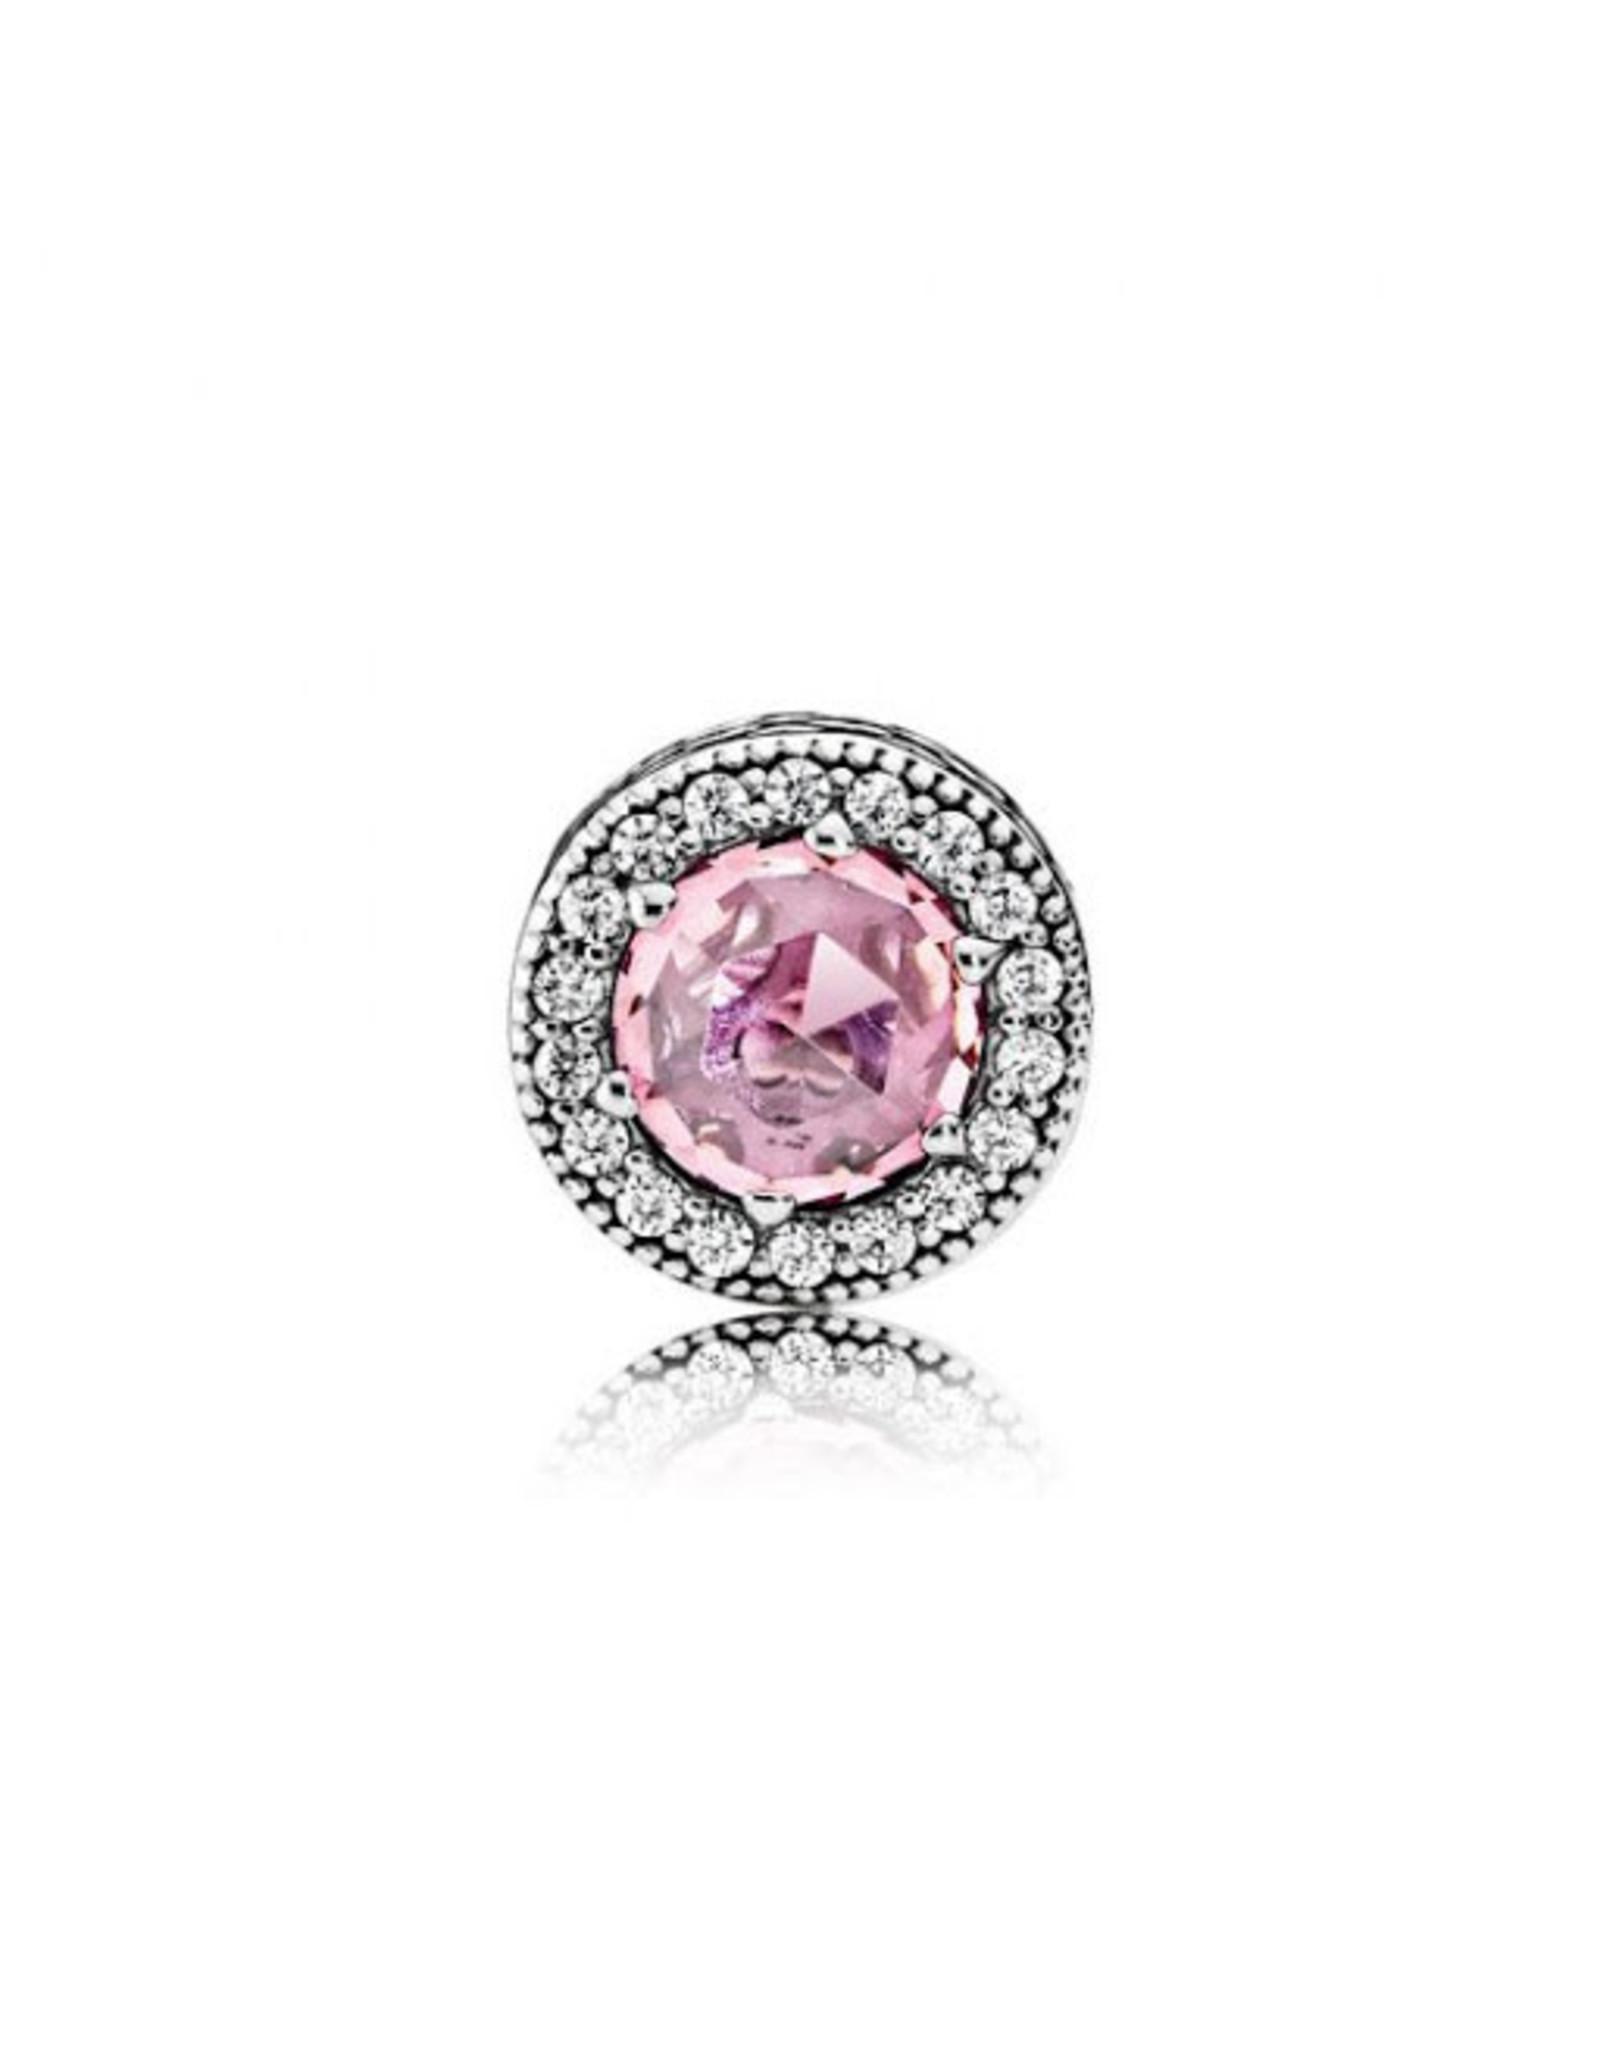 Pandora Pandora Essence Charm, Appreciation, Pink CZ